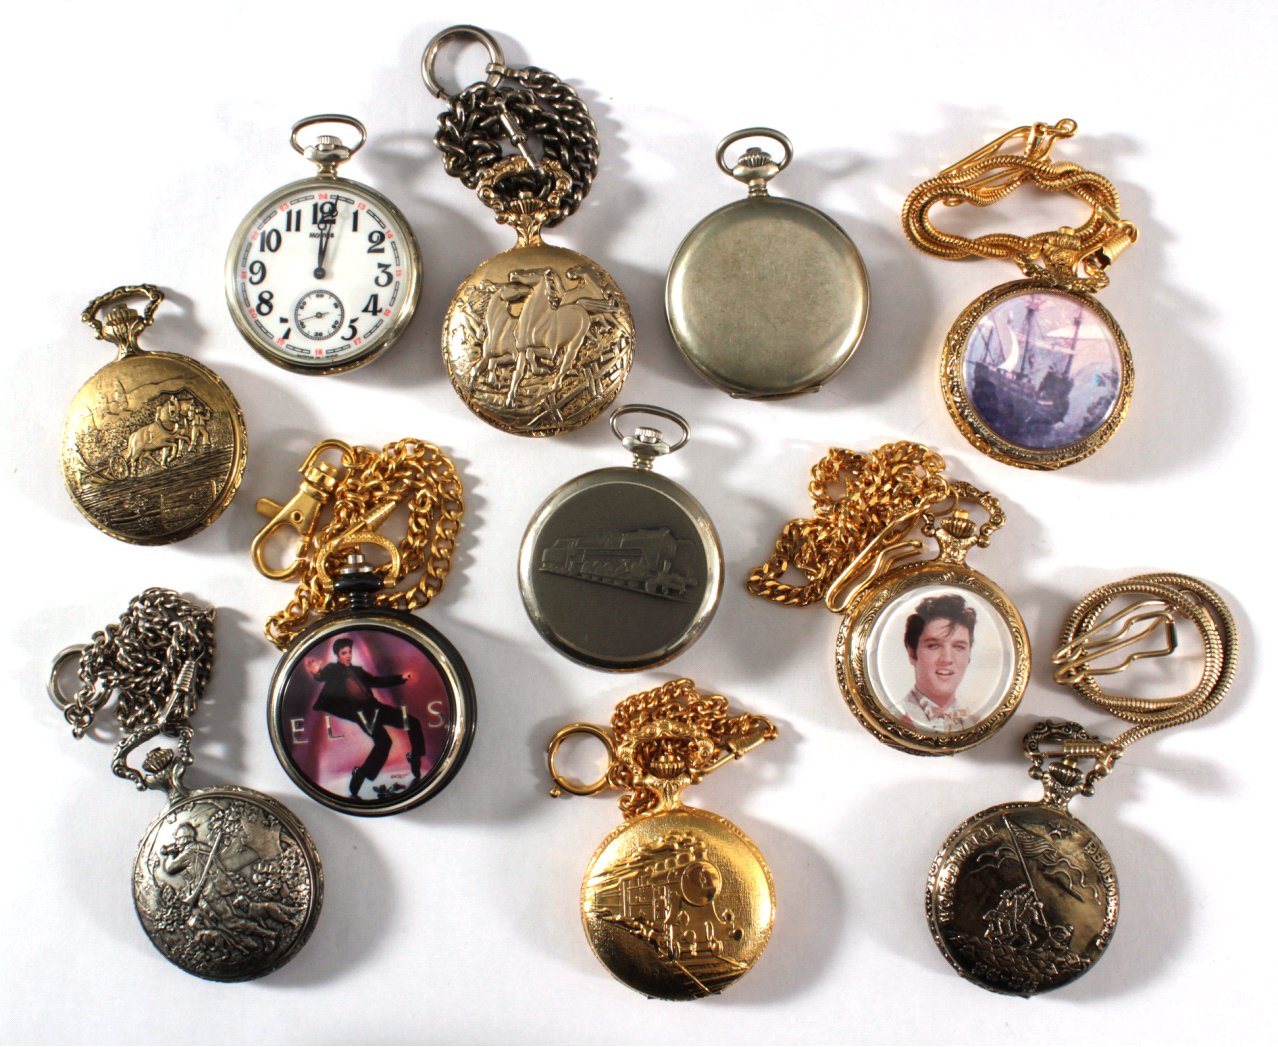 11 Taschenuhren